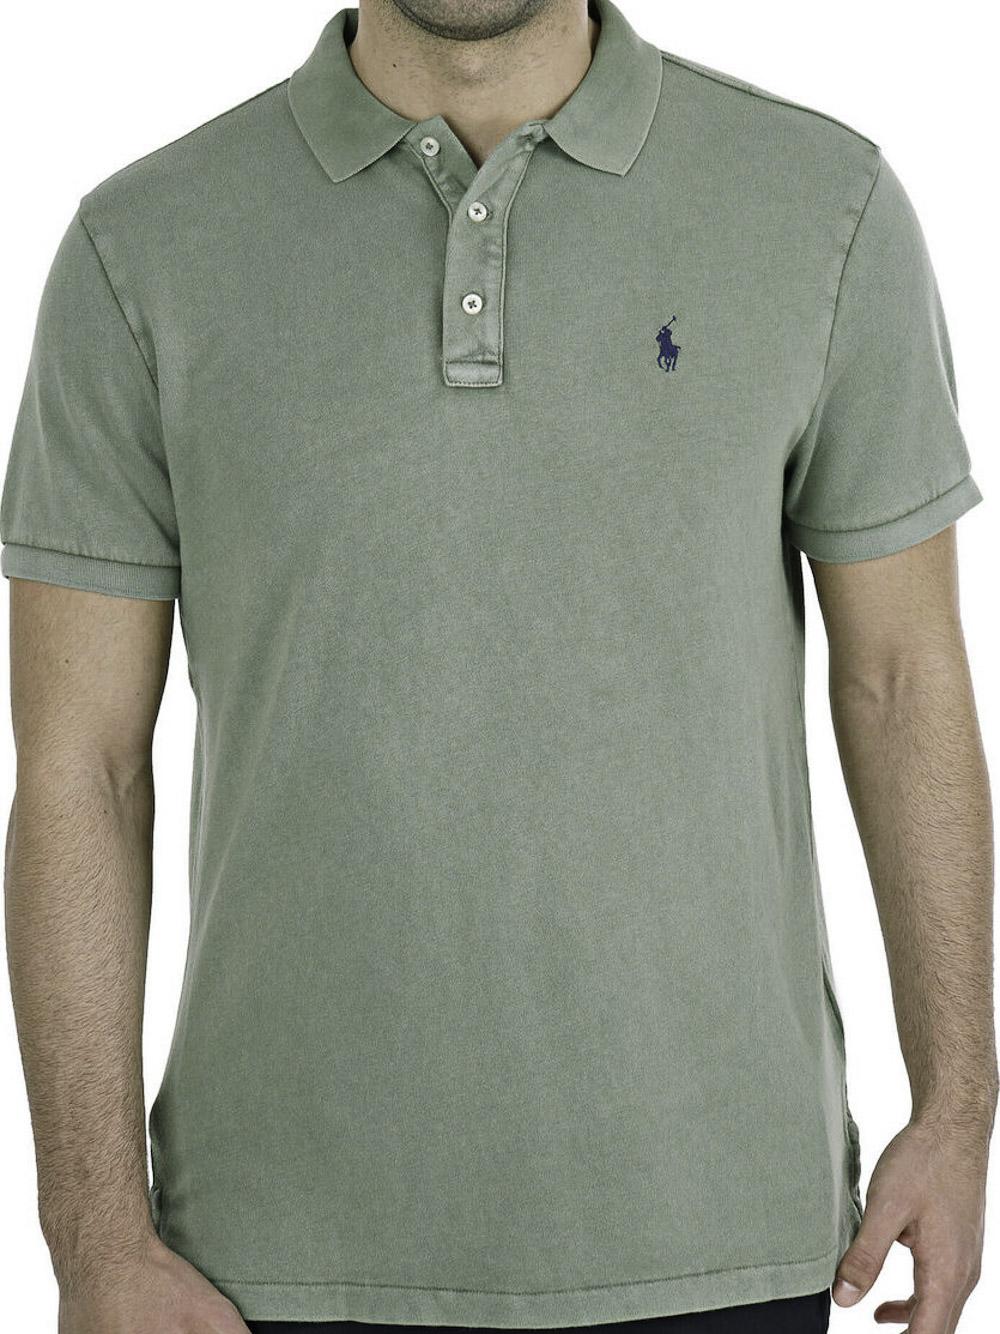 POLO RALPH LAUREN Μπλούζα Polo 710660897027 ΧΑΚΙ